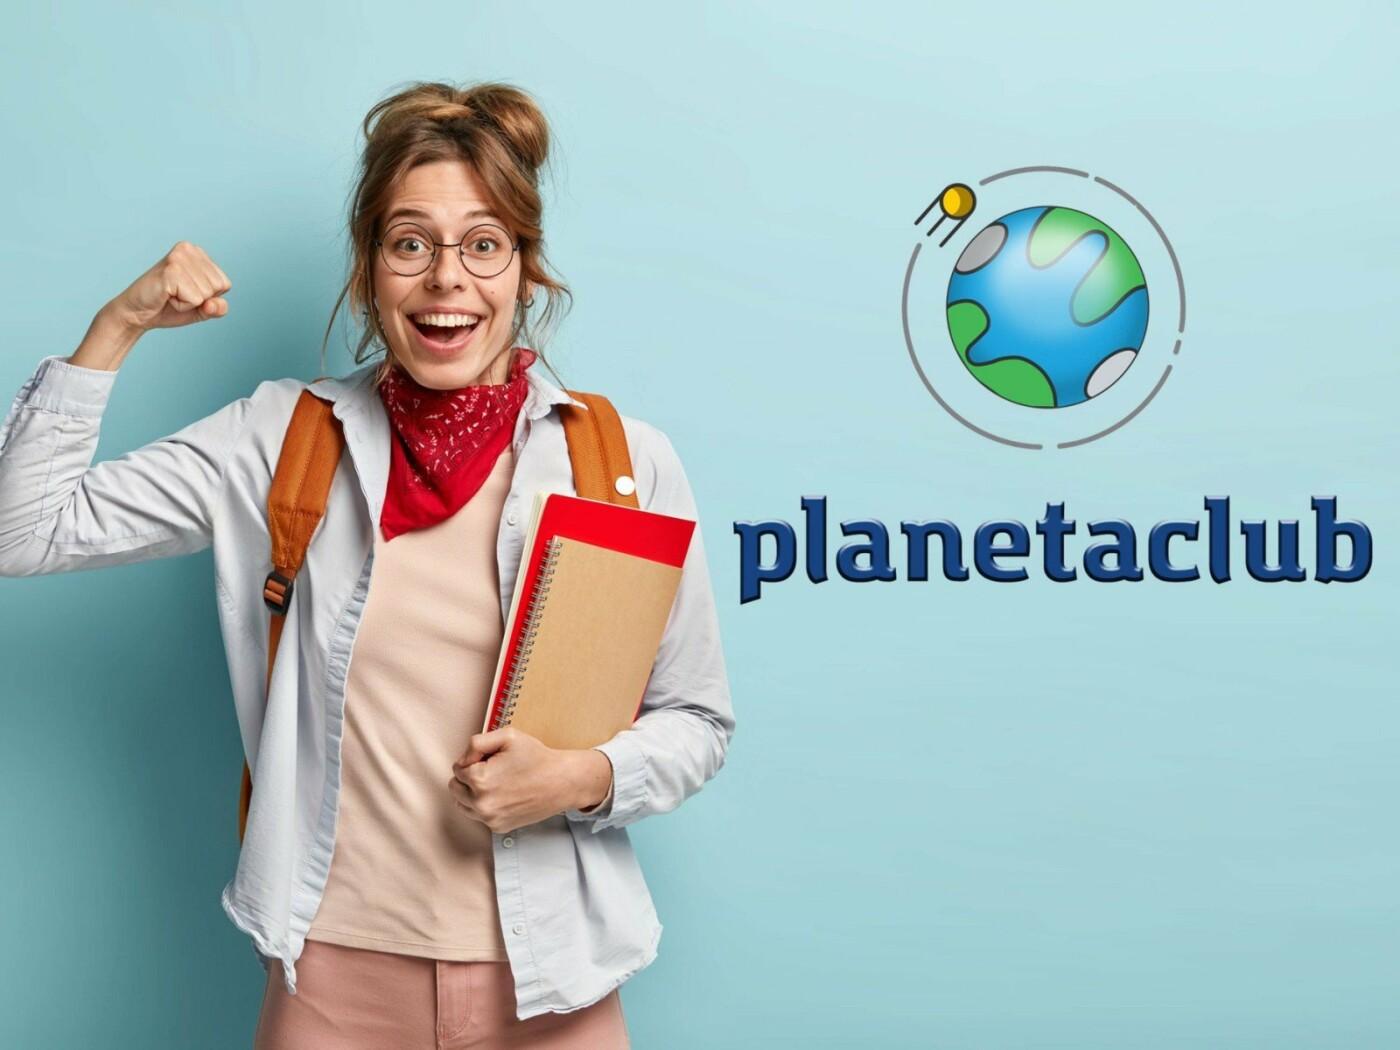 Курсы подготовки к ЗНО в Planetaclub, фото-1